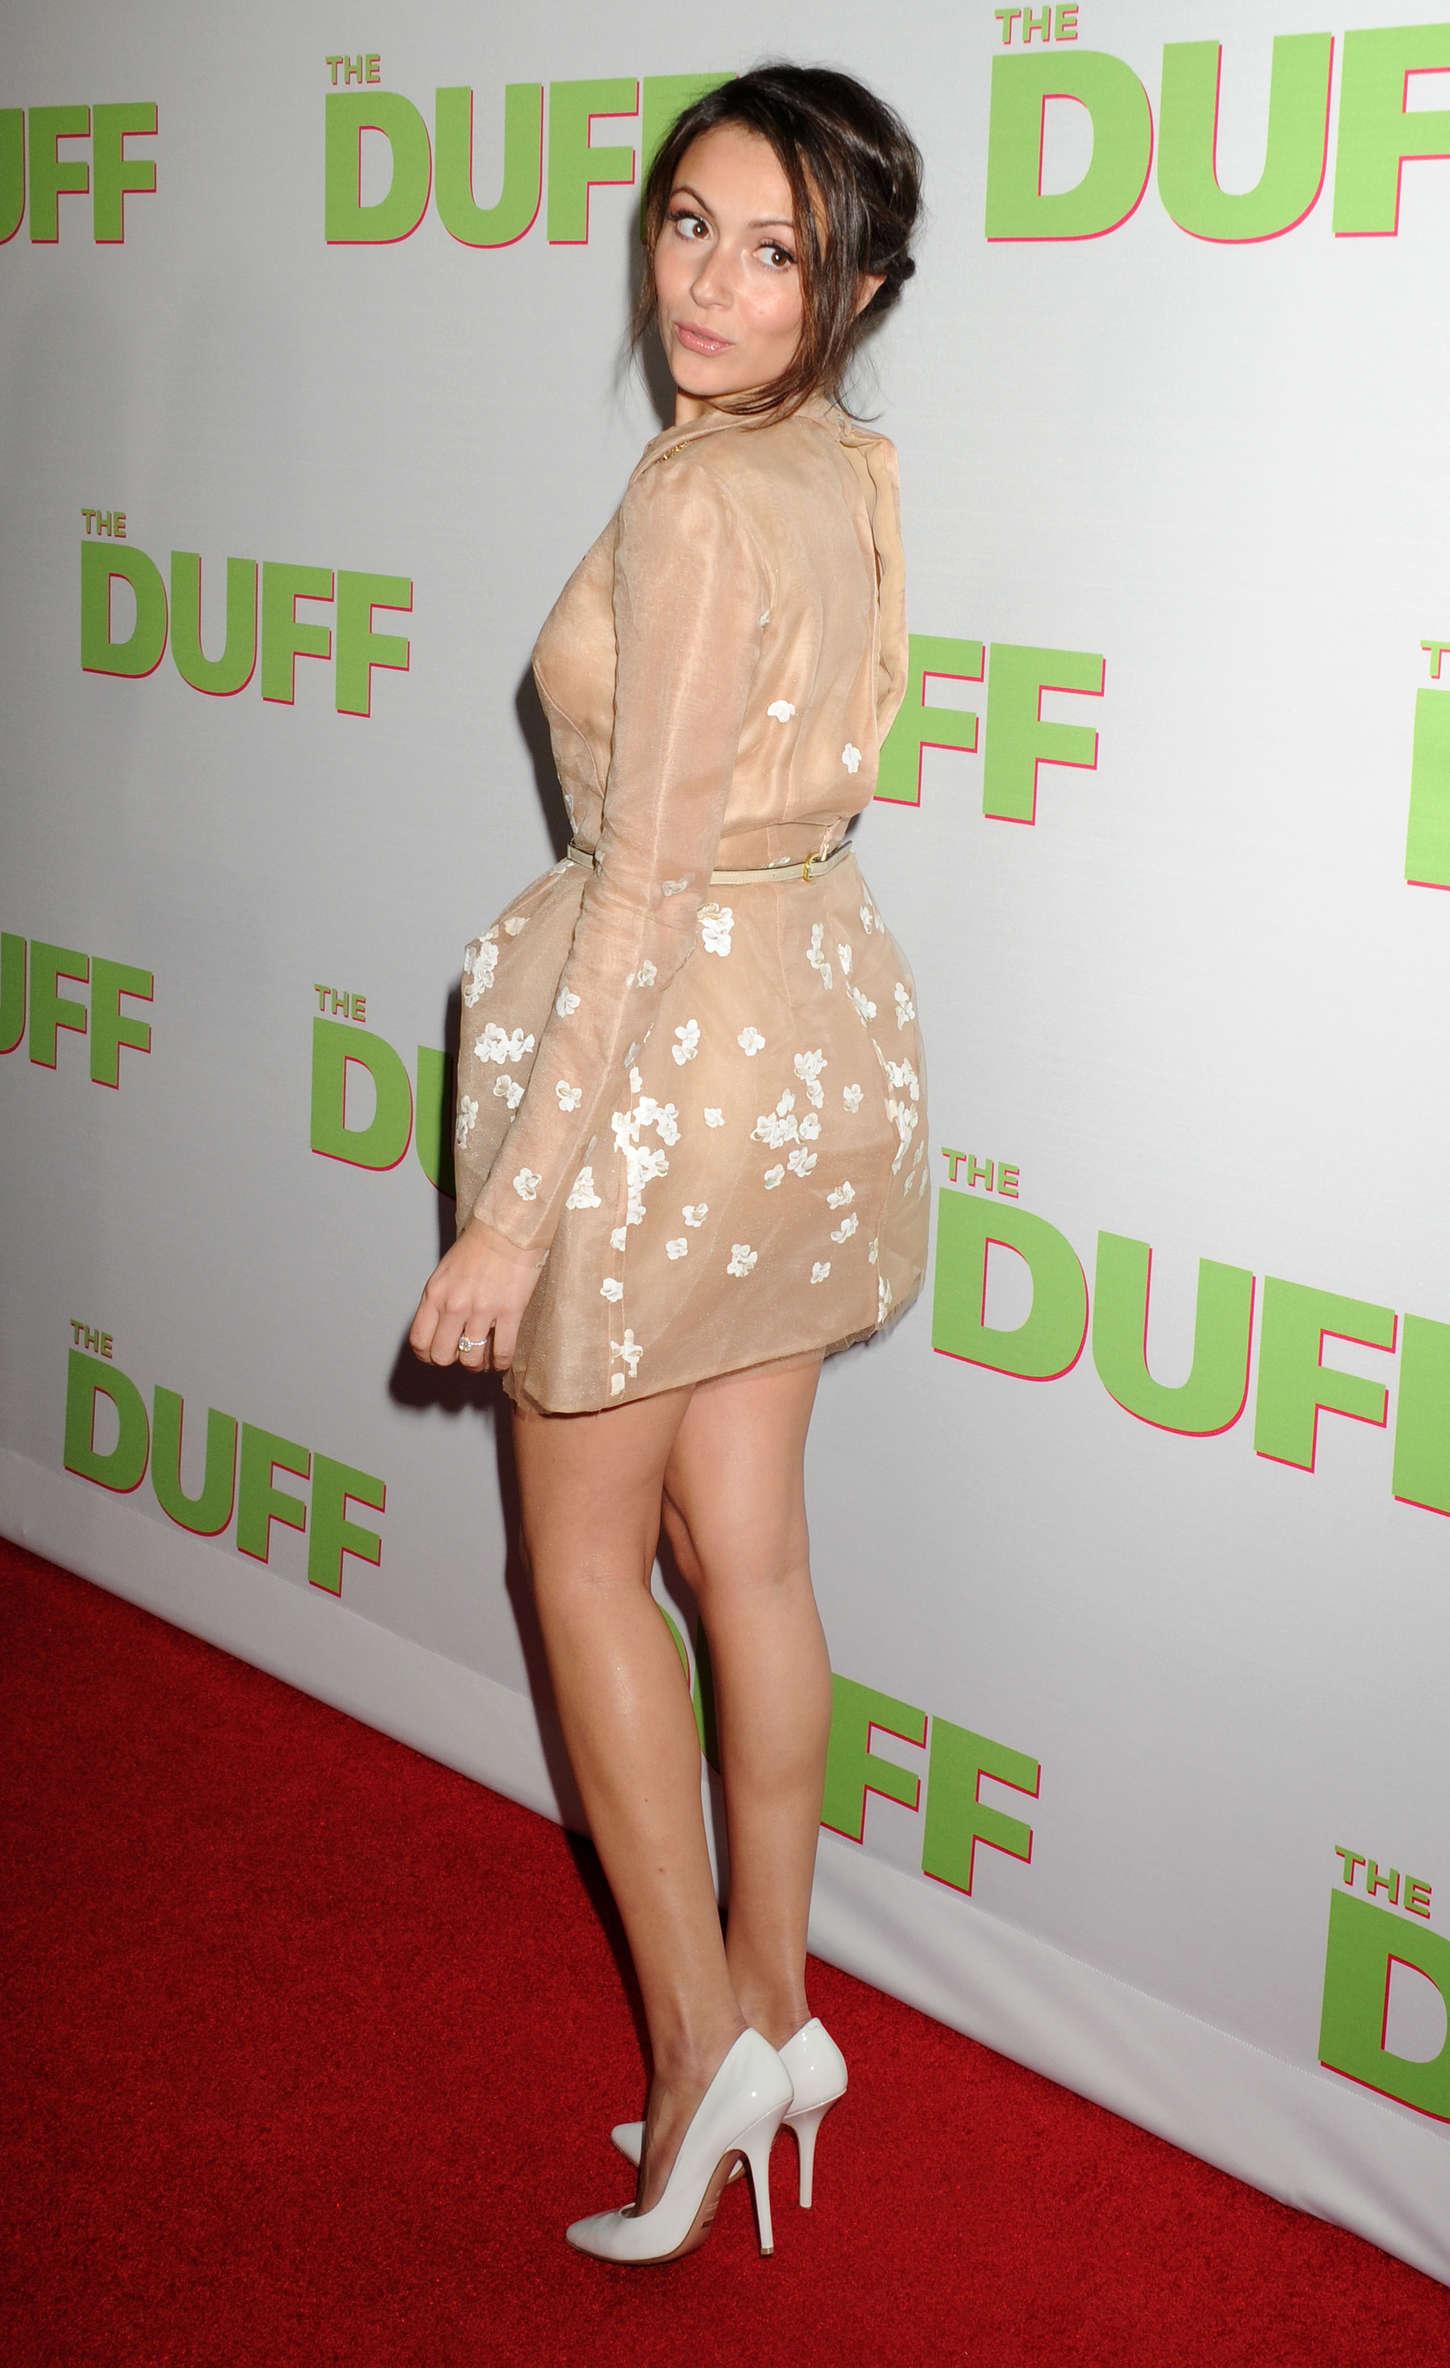 Italia Ricci The Duff Premiere in Los Angeles